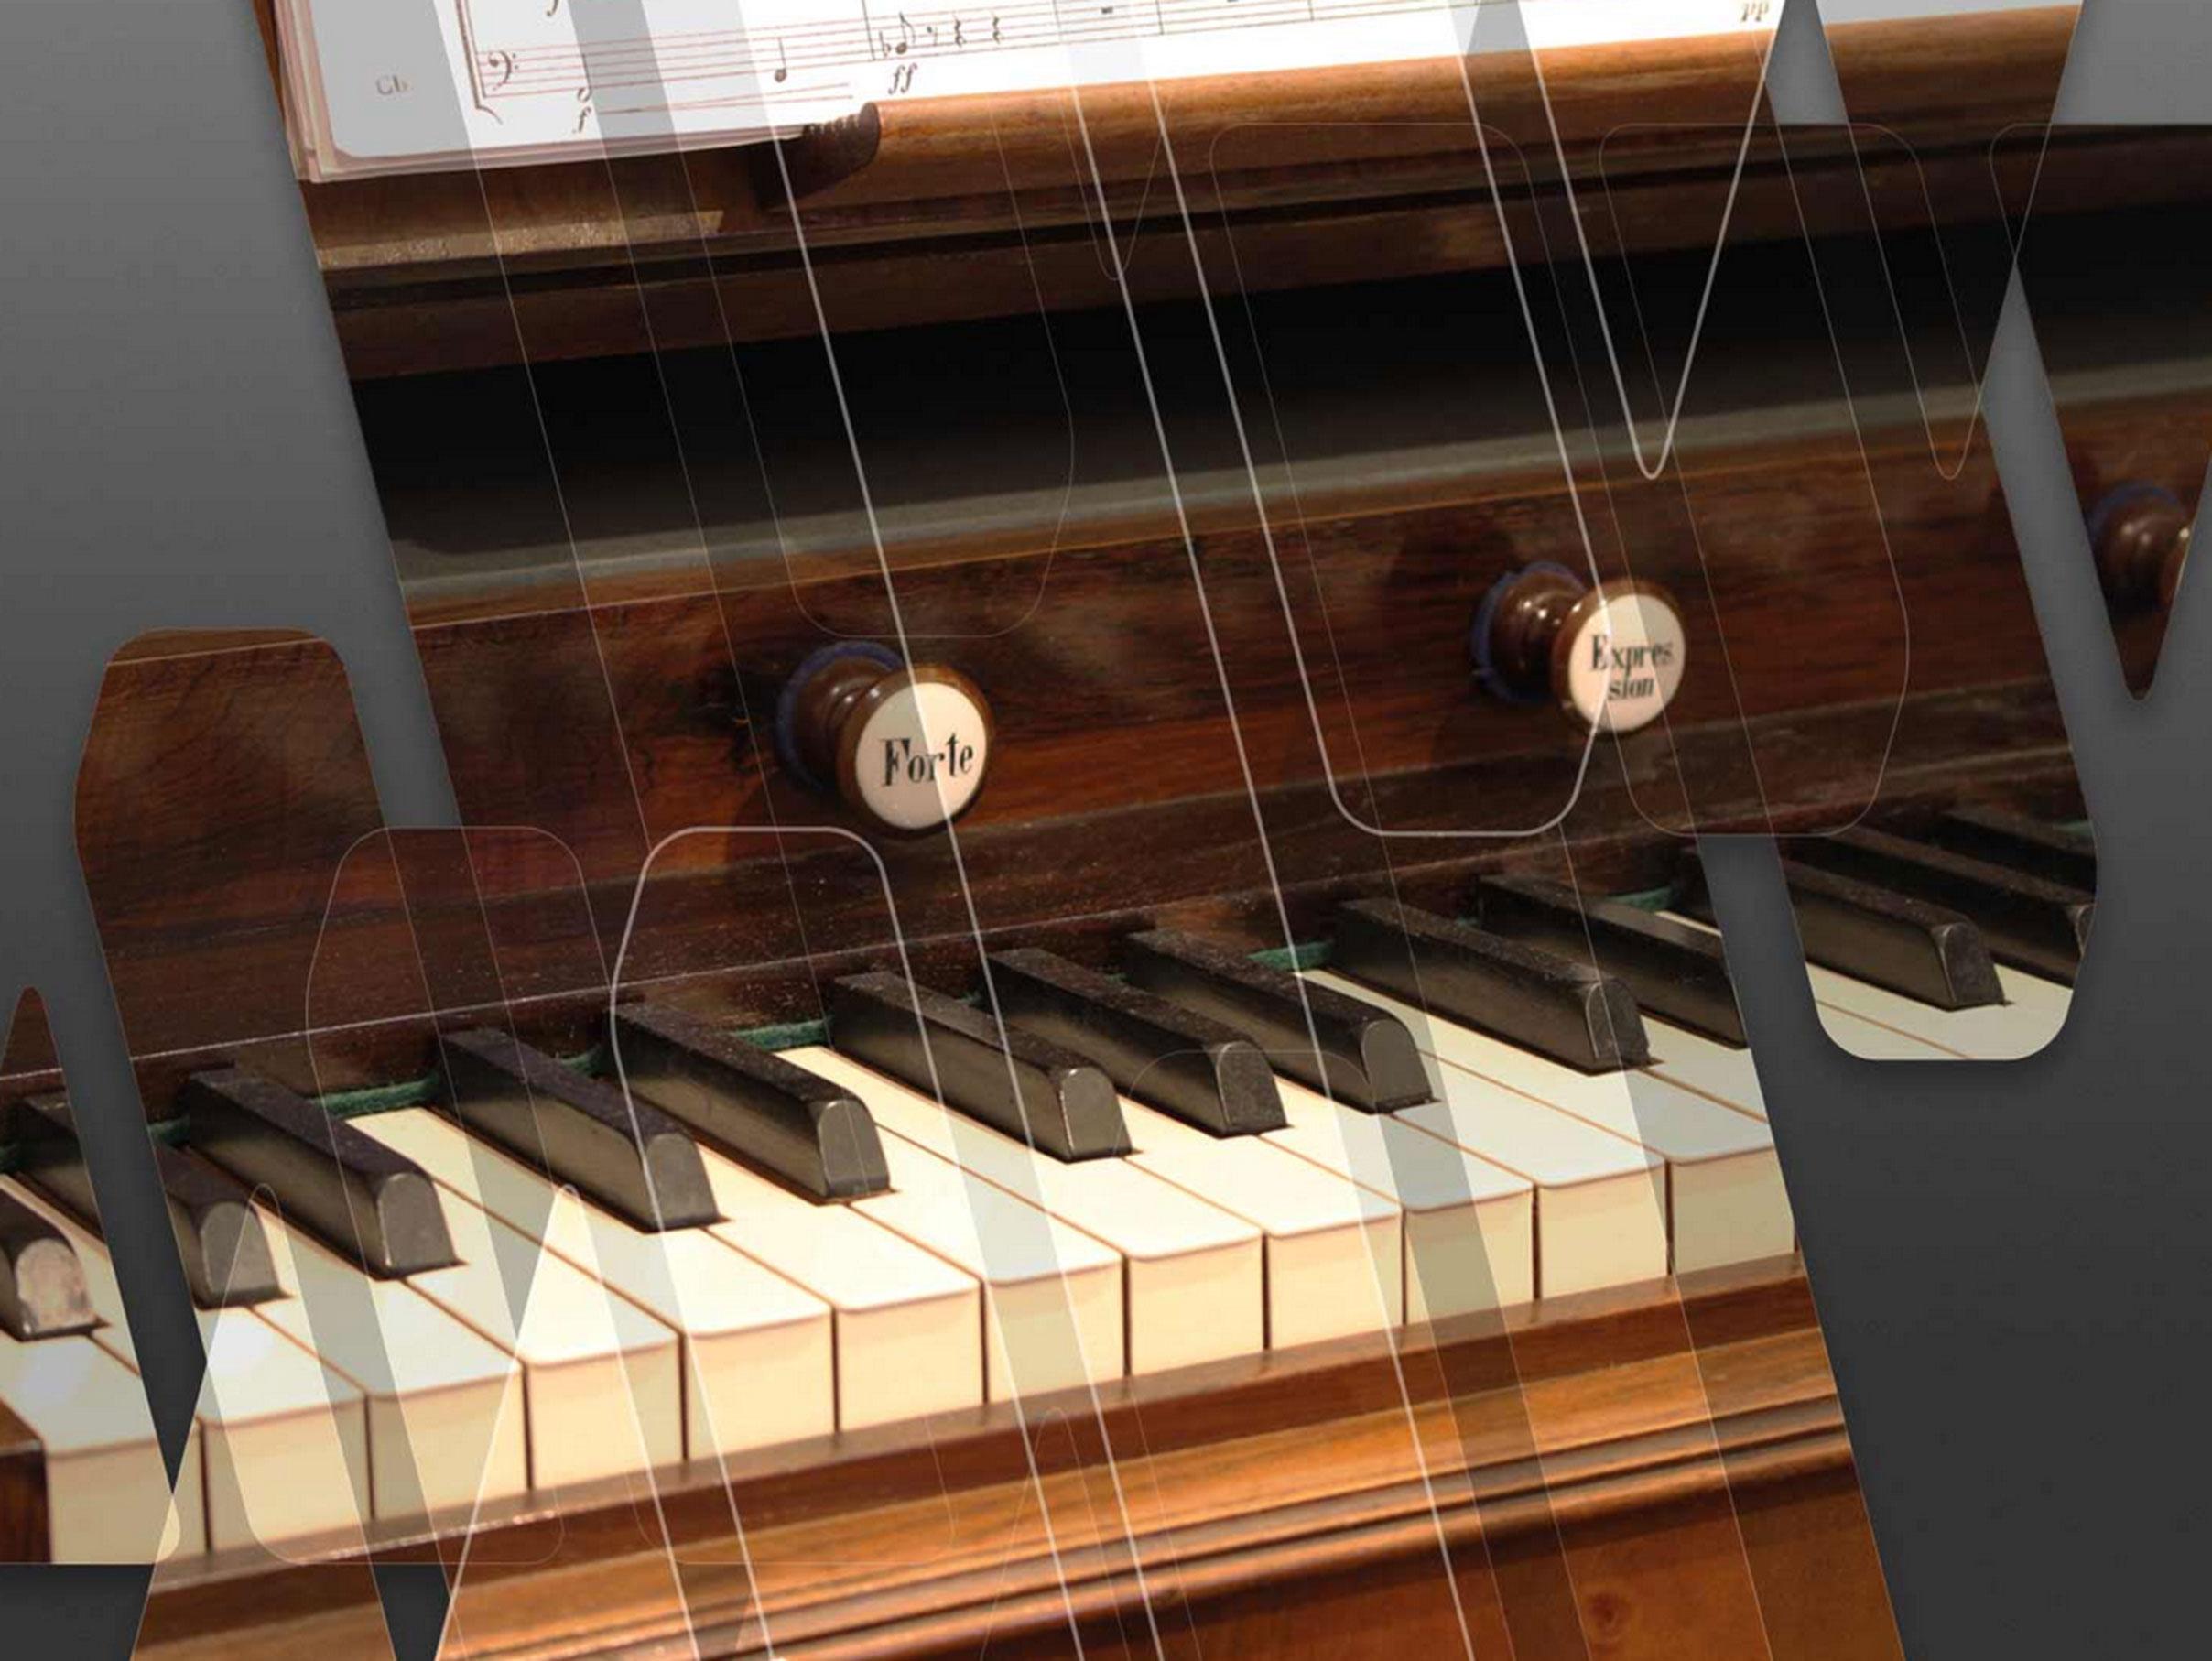 Westend-Music Instruments